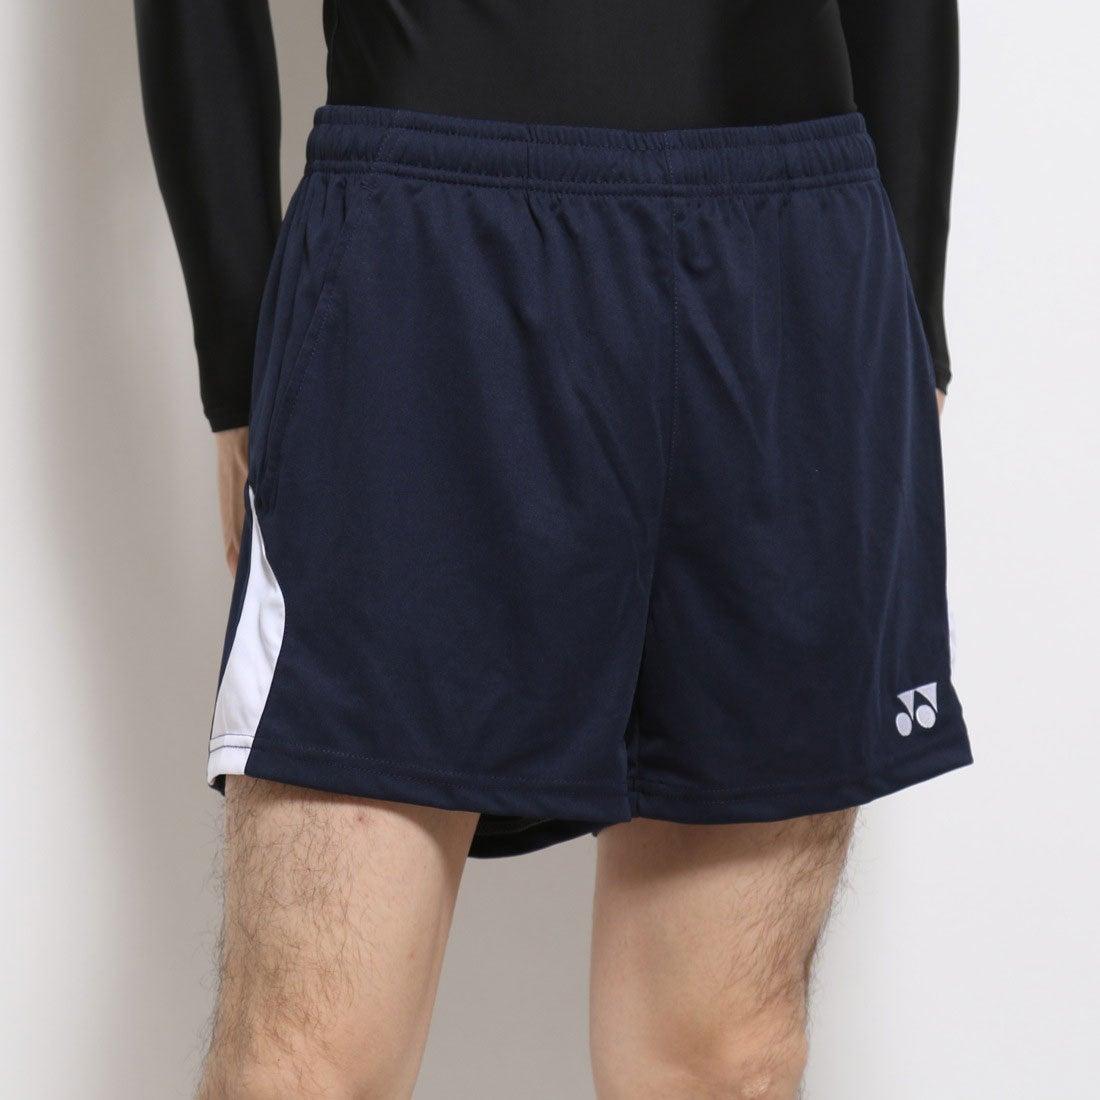 edb6fc9a005ee YONEX ヨネックス Yonex テニスパンツ 15043 ネイビー -レディースファッション通販 ロコンドガールズコレクション (ロココレ)